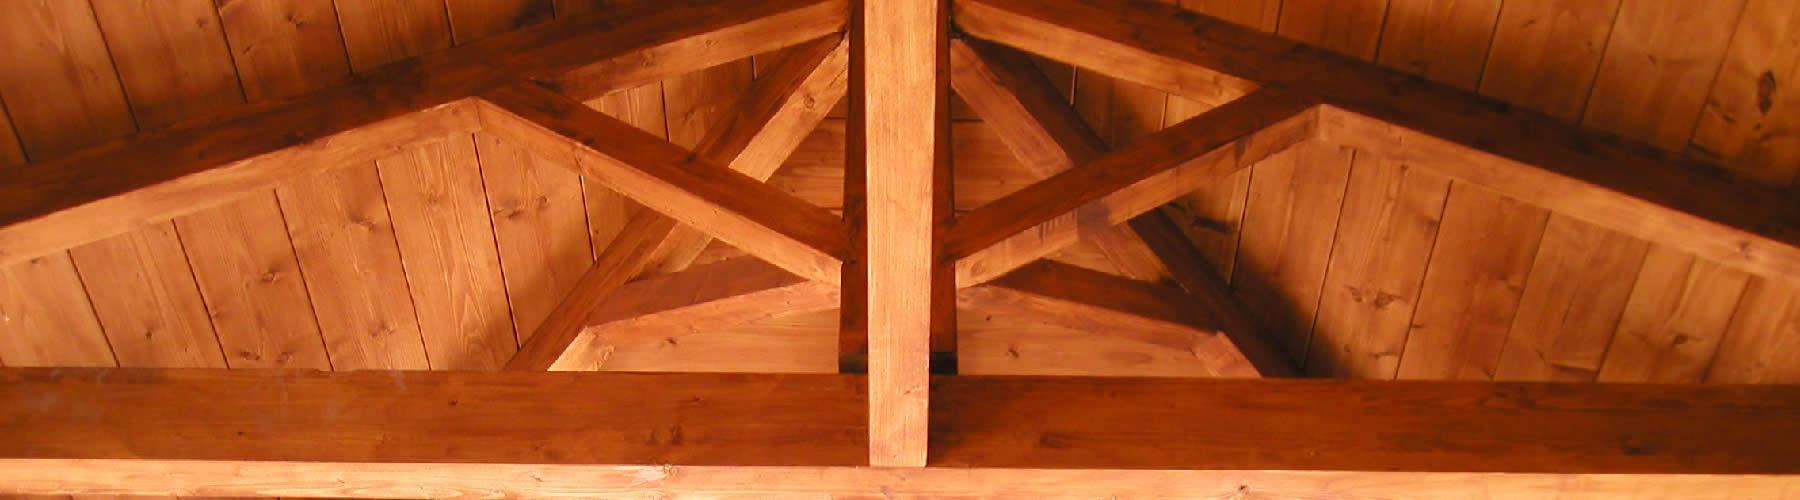 Άριστη ποιότητα στο ξύλο!